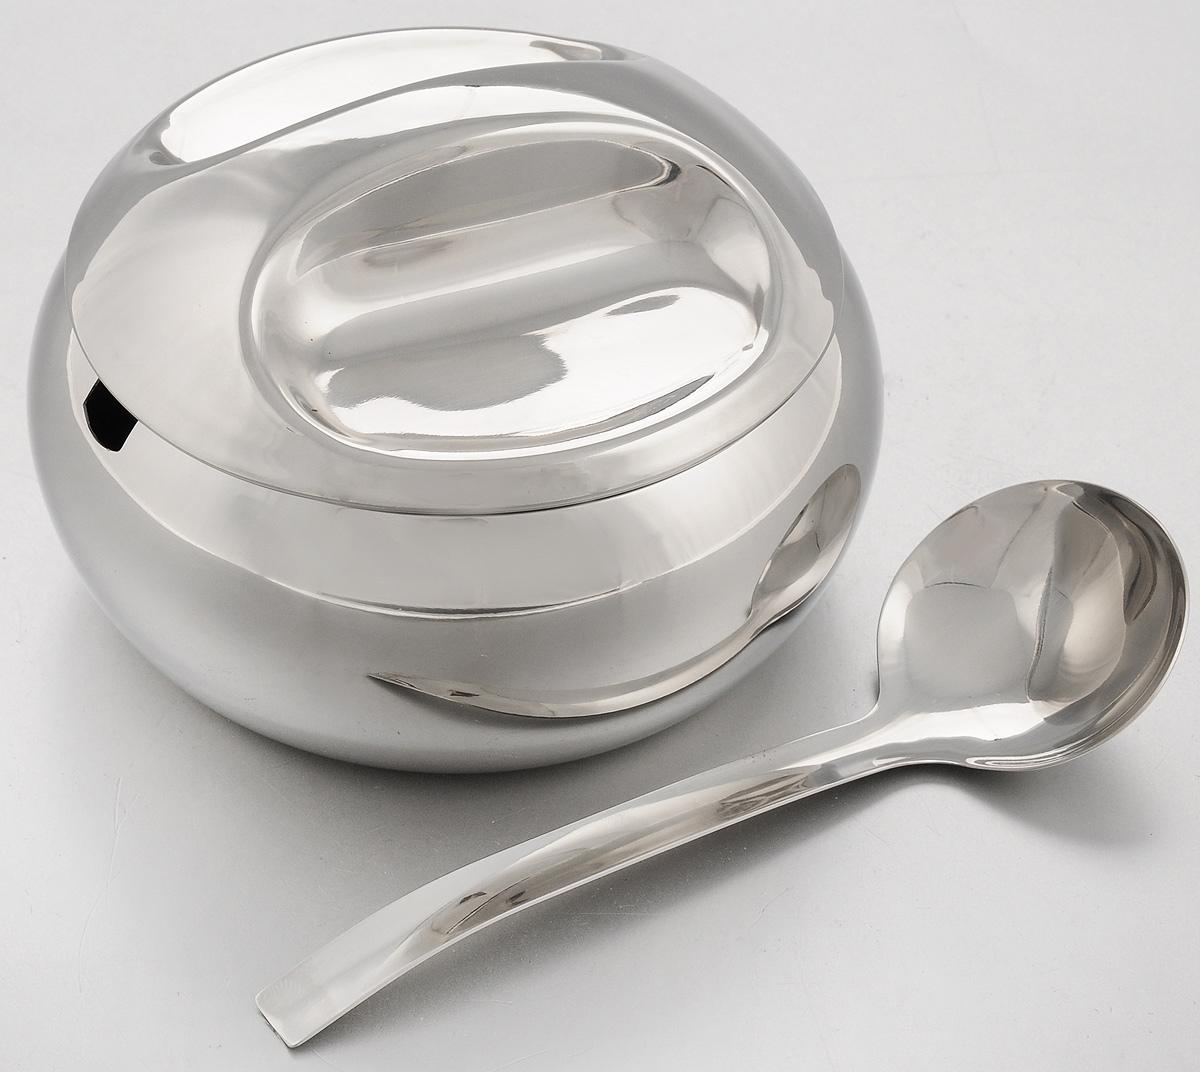 Сахарница Mayer & Boch, с ложкой, 420 мл. 28222822Сахарница Mayer & Boch с крышкой и ложкой, изготовленная из высококачественной нержавеющей стали, сохранит ваш сахар свежим на длительное время. Она прекрасно подойдет к современной кухне. Можно мыть в посудомоечной машине. Диаметр сахарницы (по верхнему краю): 10,3 см. Диаметр основания: 8,5 см. Высота сахарницы (без учета крышки): 5,5 см. Высота сахарницы (с учетом крышки): 8,5 см. Длина ложки: 14 см.